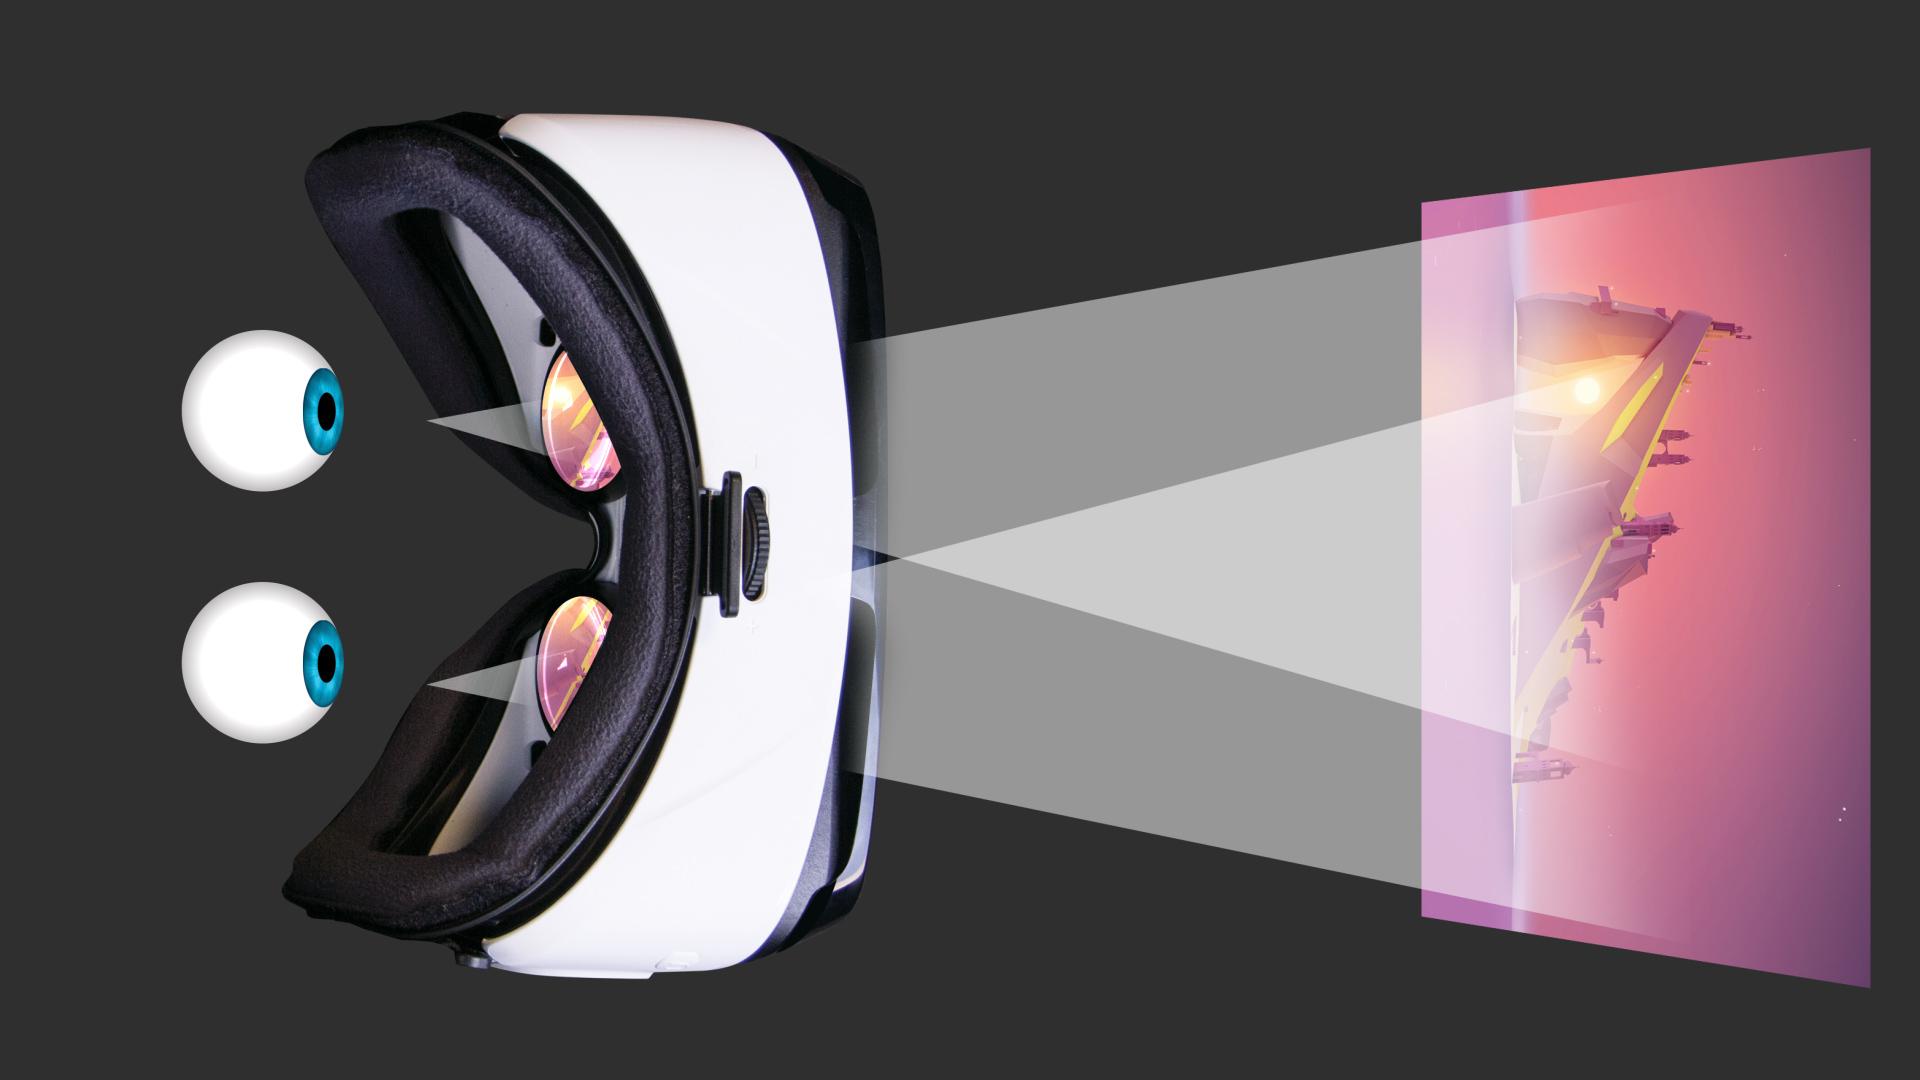 4506fea56 É bem simples: o celular é programado para dividir a imagem em duas partes,  e o seu cérebro já está acostumado a interpretar essa diferença nas imagens.